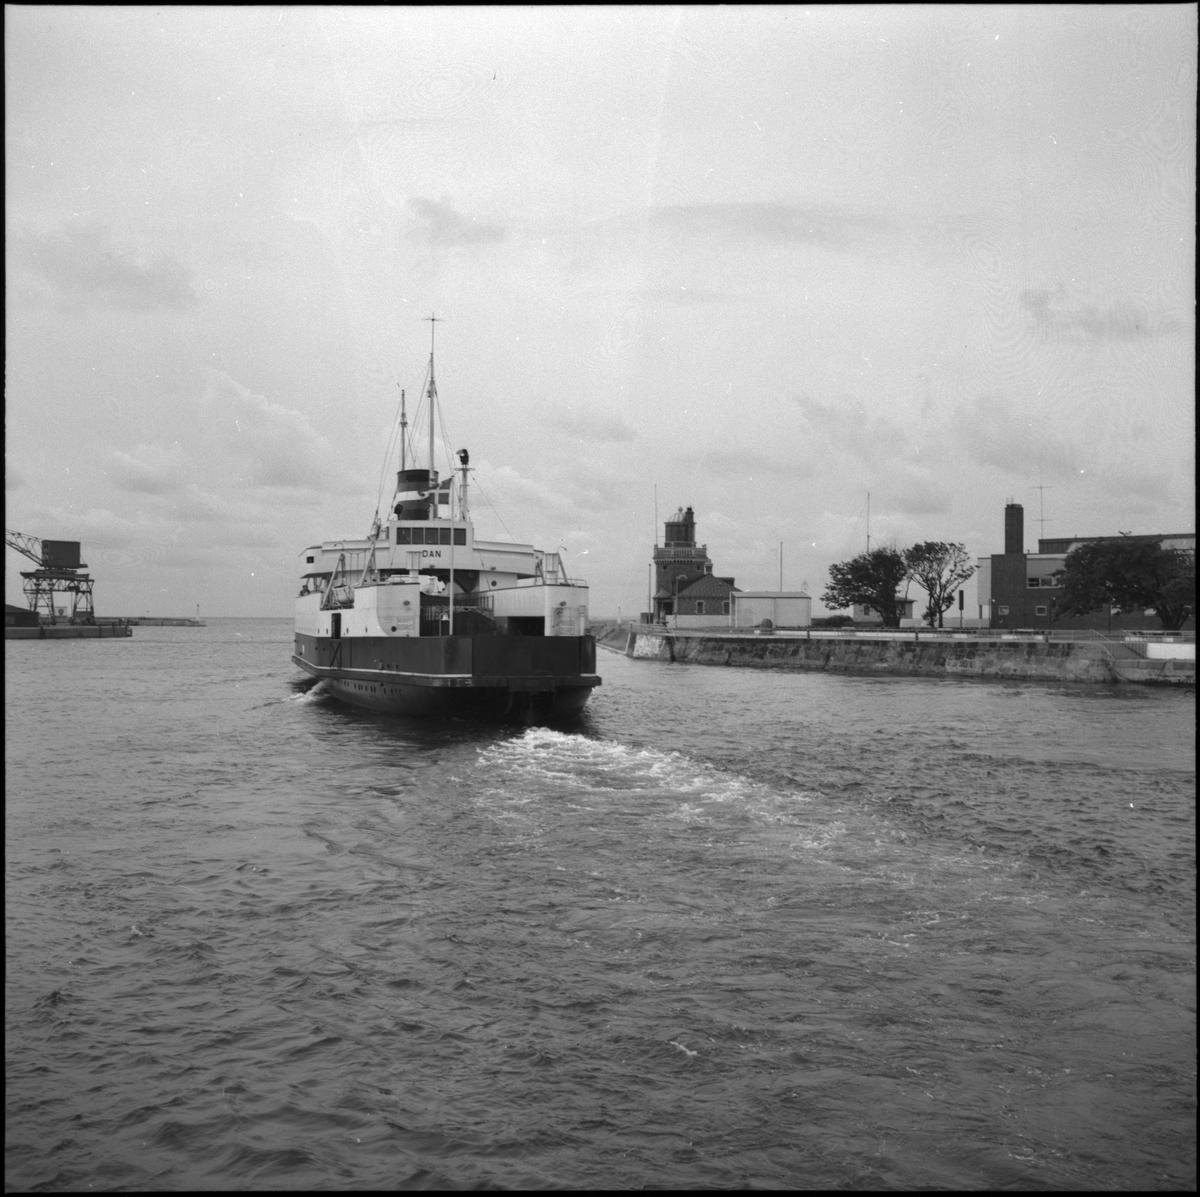 Helsingborg. Utsikt från Kärnan, Busstorget. Fartyget Dan lägger ut från hamn. S/S Dan ägdes av DSB (Danske Statsbaner) och trafikerade Helsinborg - Öresund från 1935 till 1973. I och med invigningen av Öresundsbron år 2000 upphörde tågfärjetrafiken, då tågen därefter endast färdades över bron